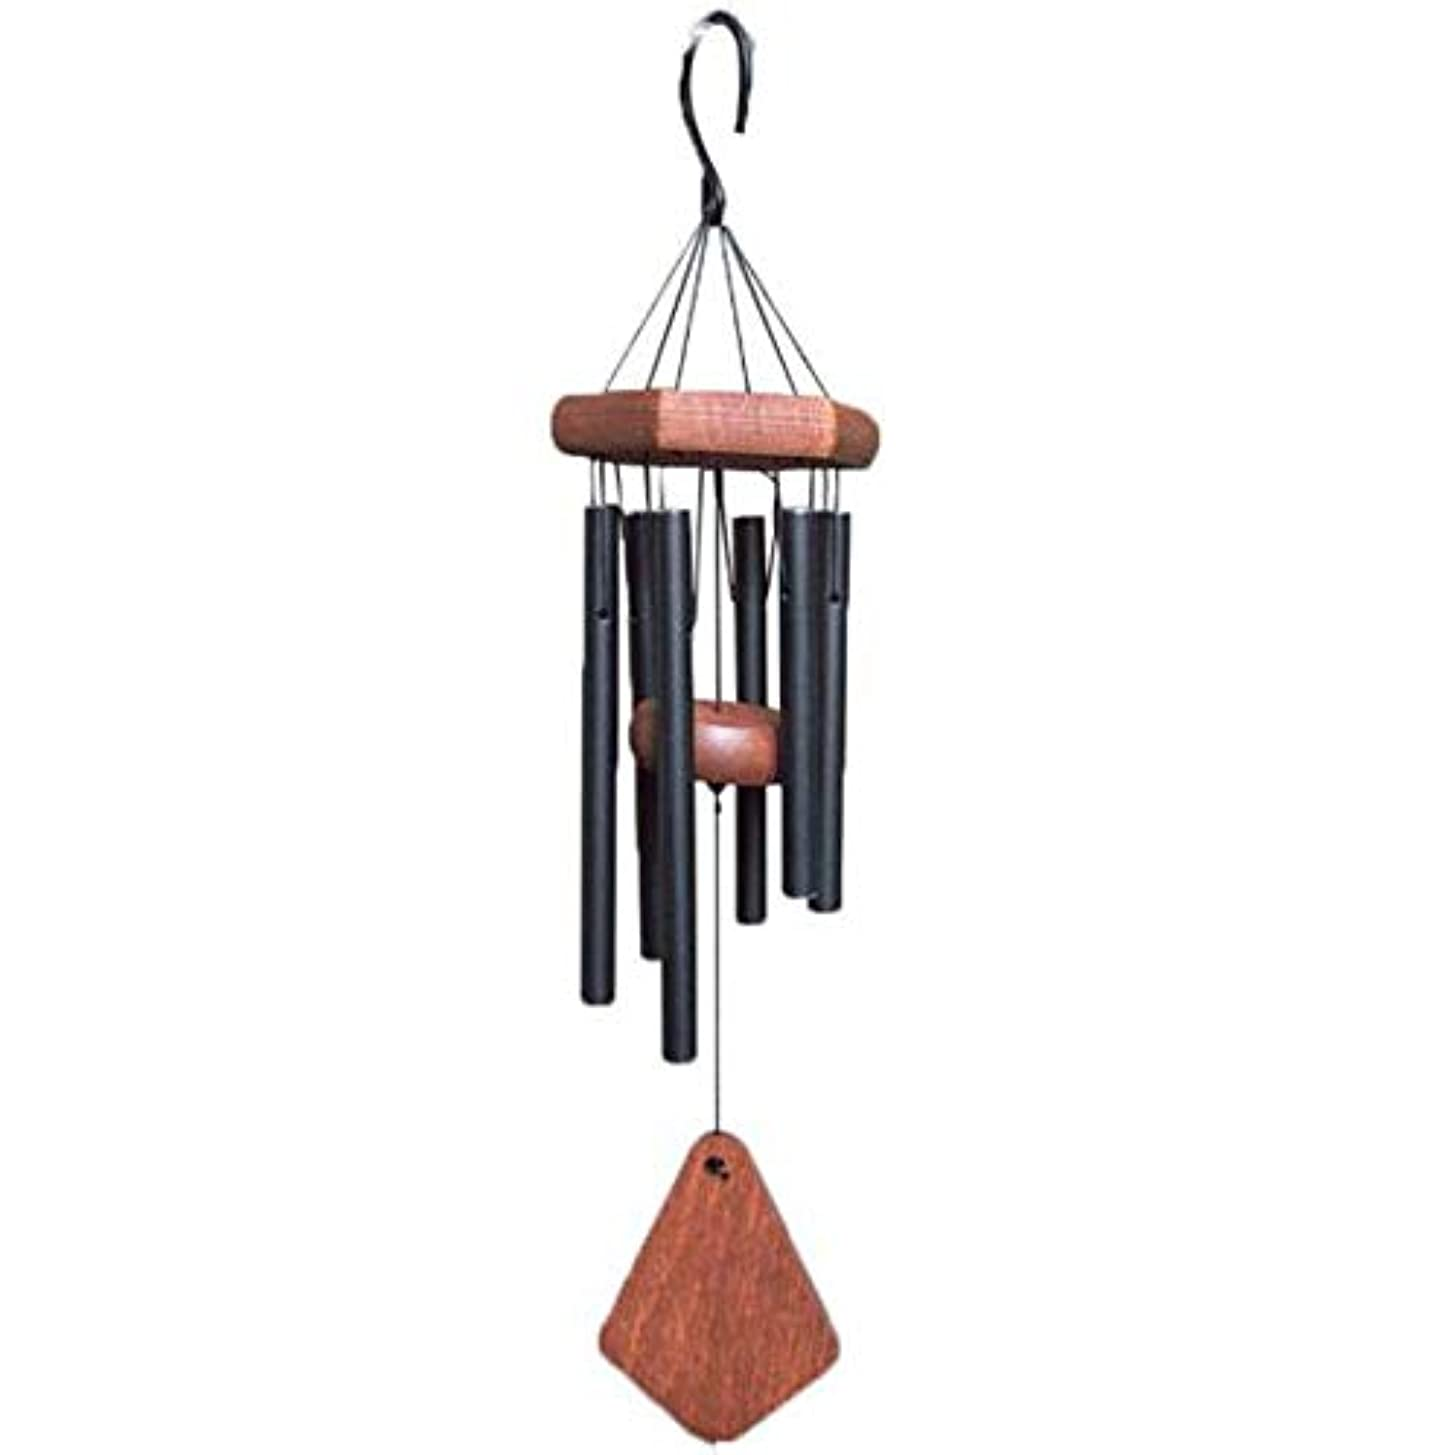 取り消す滴下いつかYougou01 風チャイム、メタル6チューブ風の鐘、ブラック、全身について52CM 、創造的な装飾 (Color : Black)